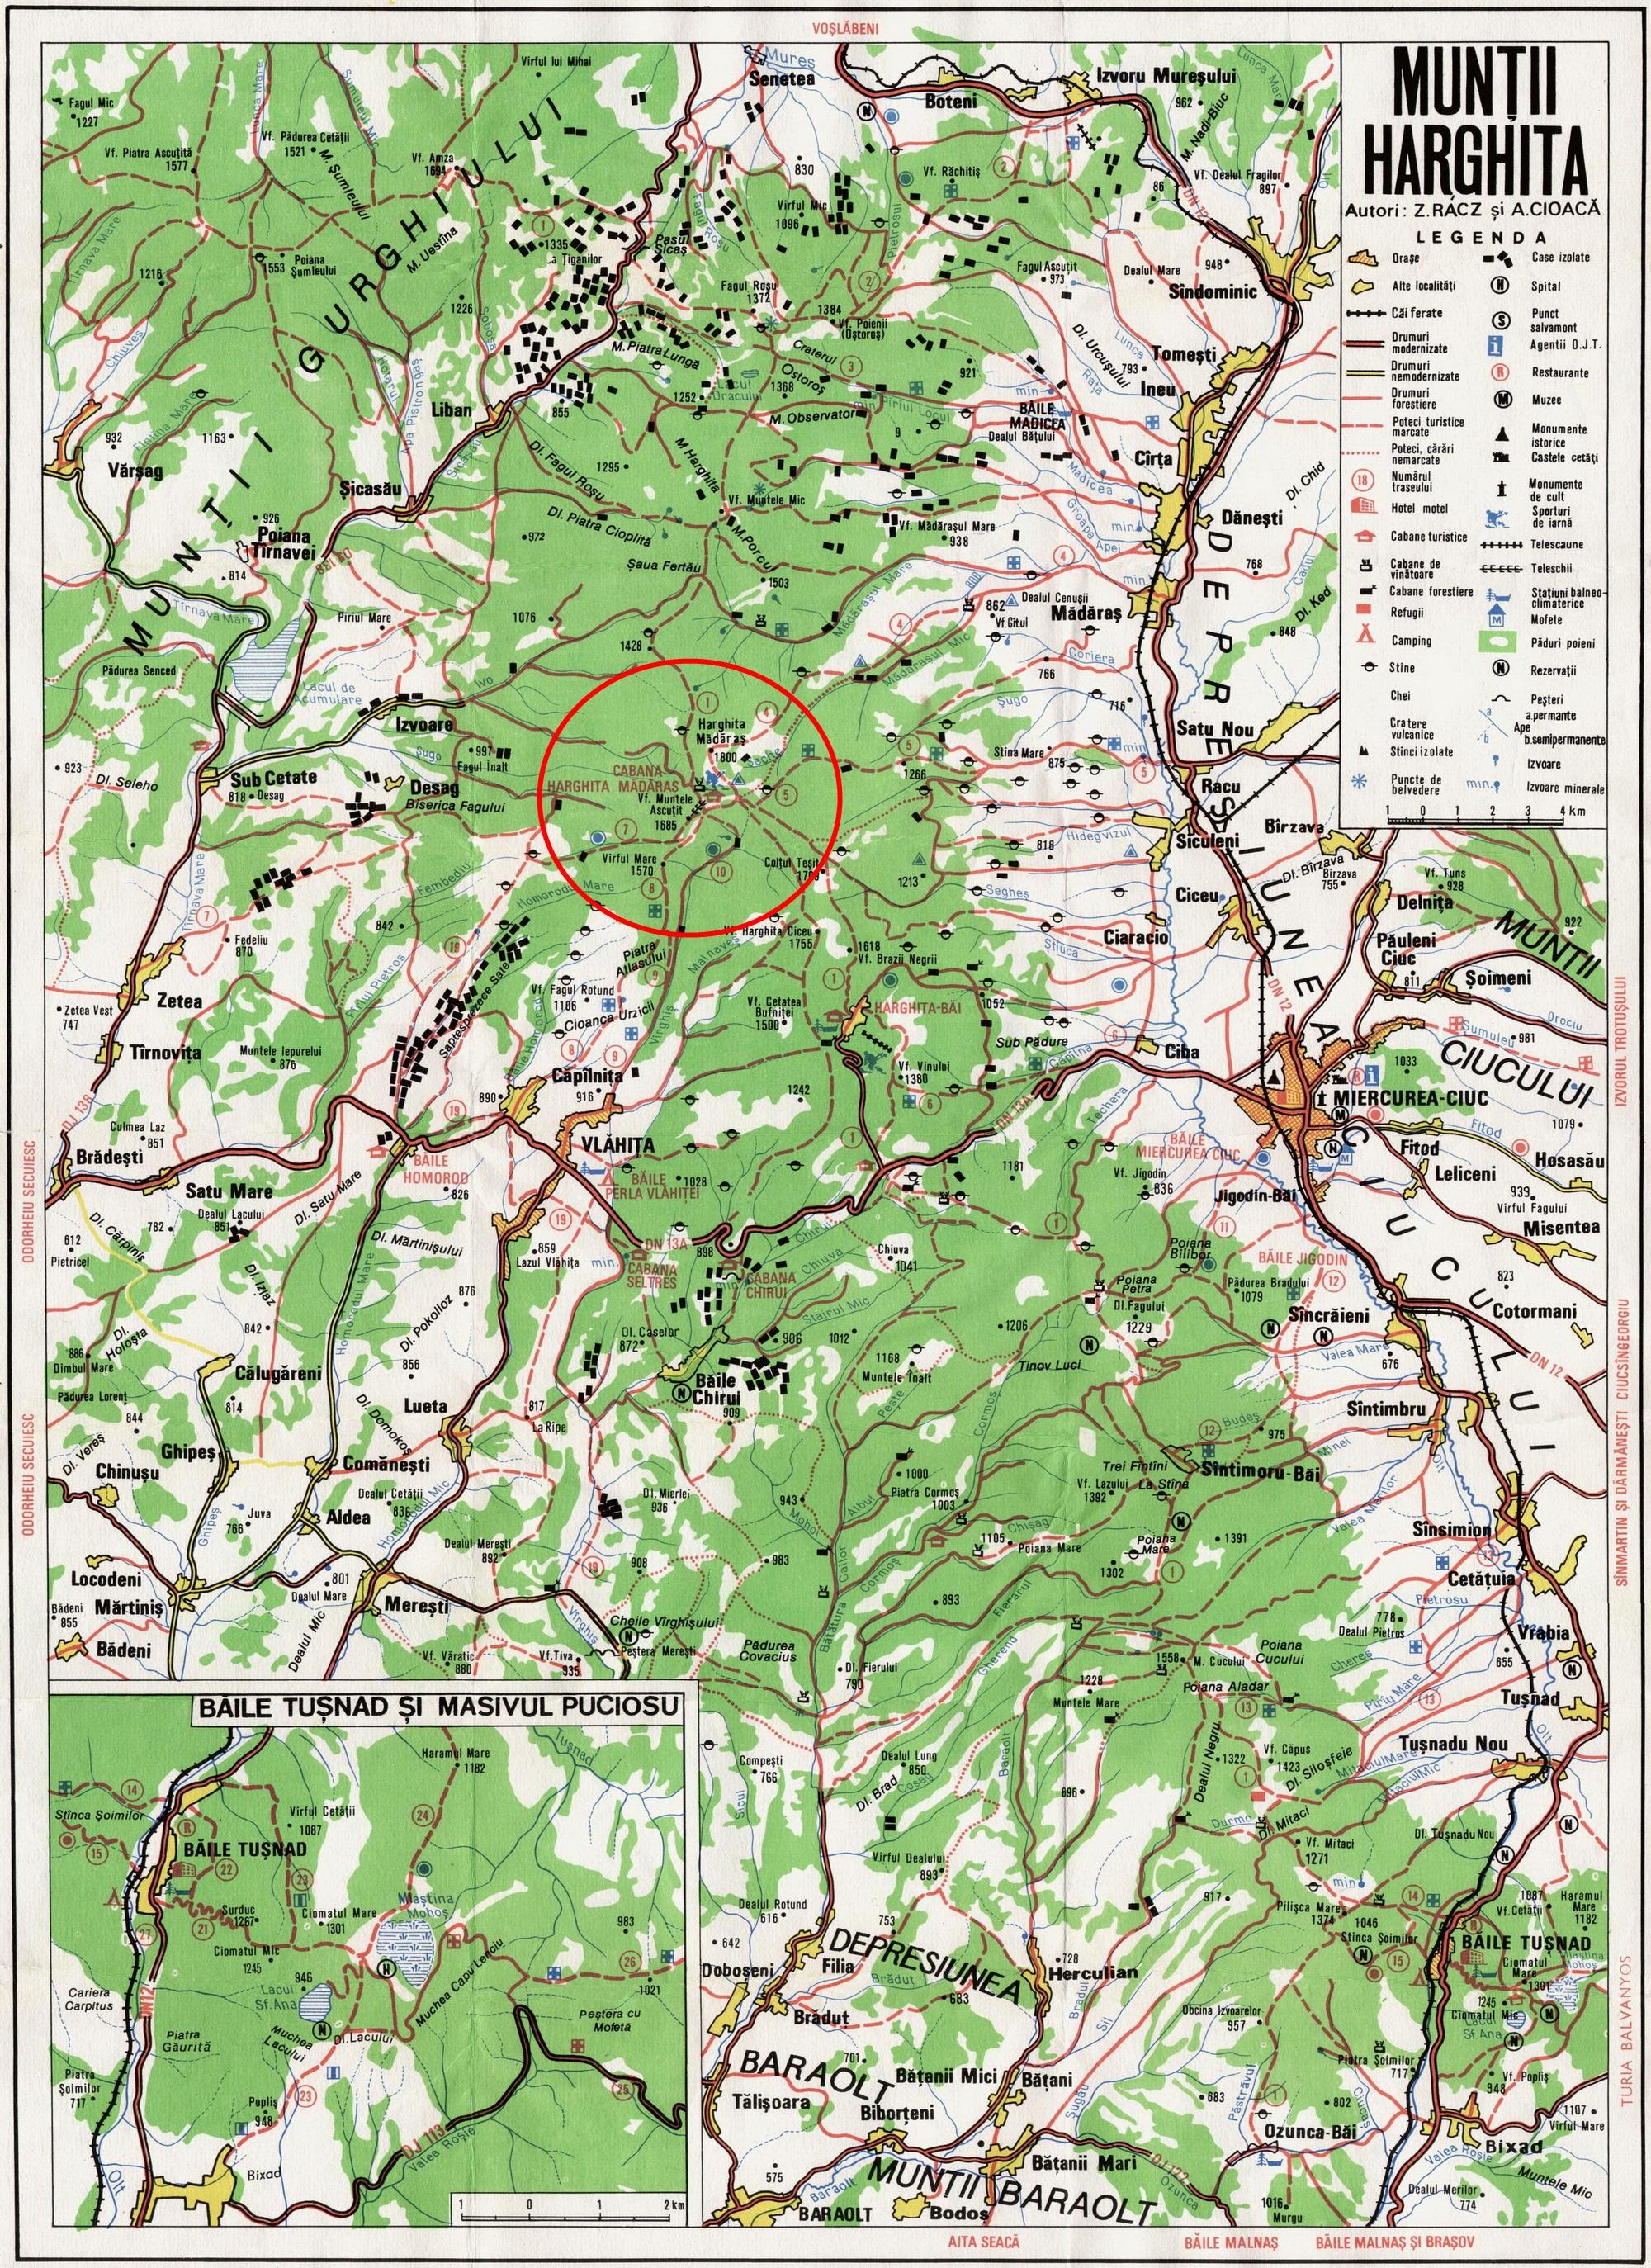 Madarasi Hargita turisztikai térképe - szállás